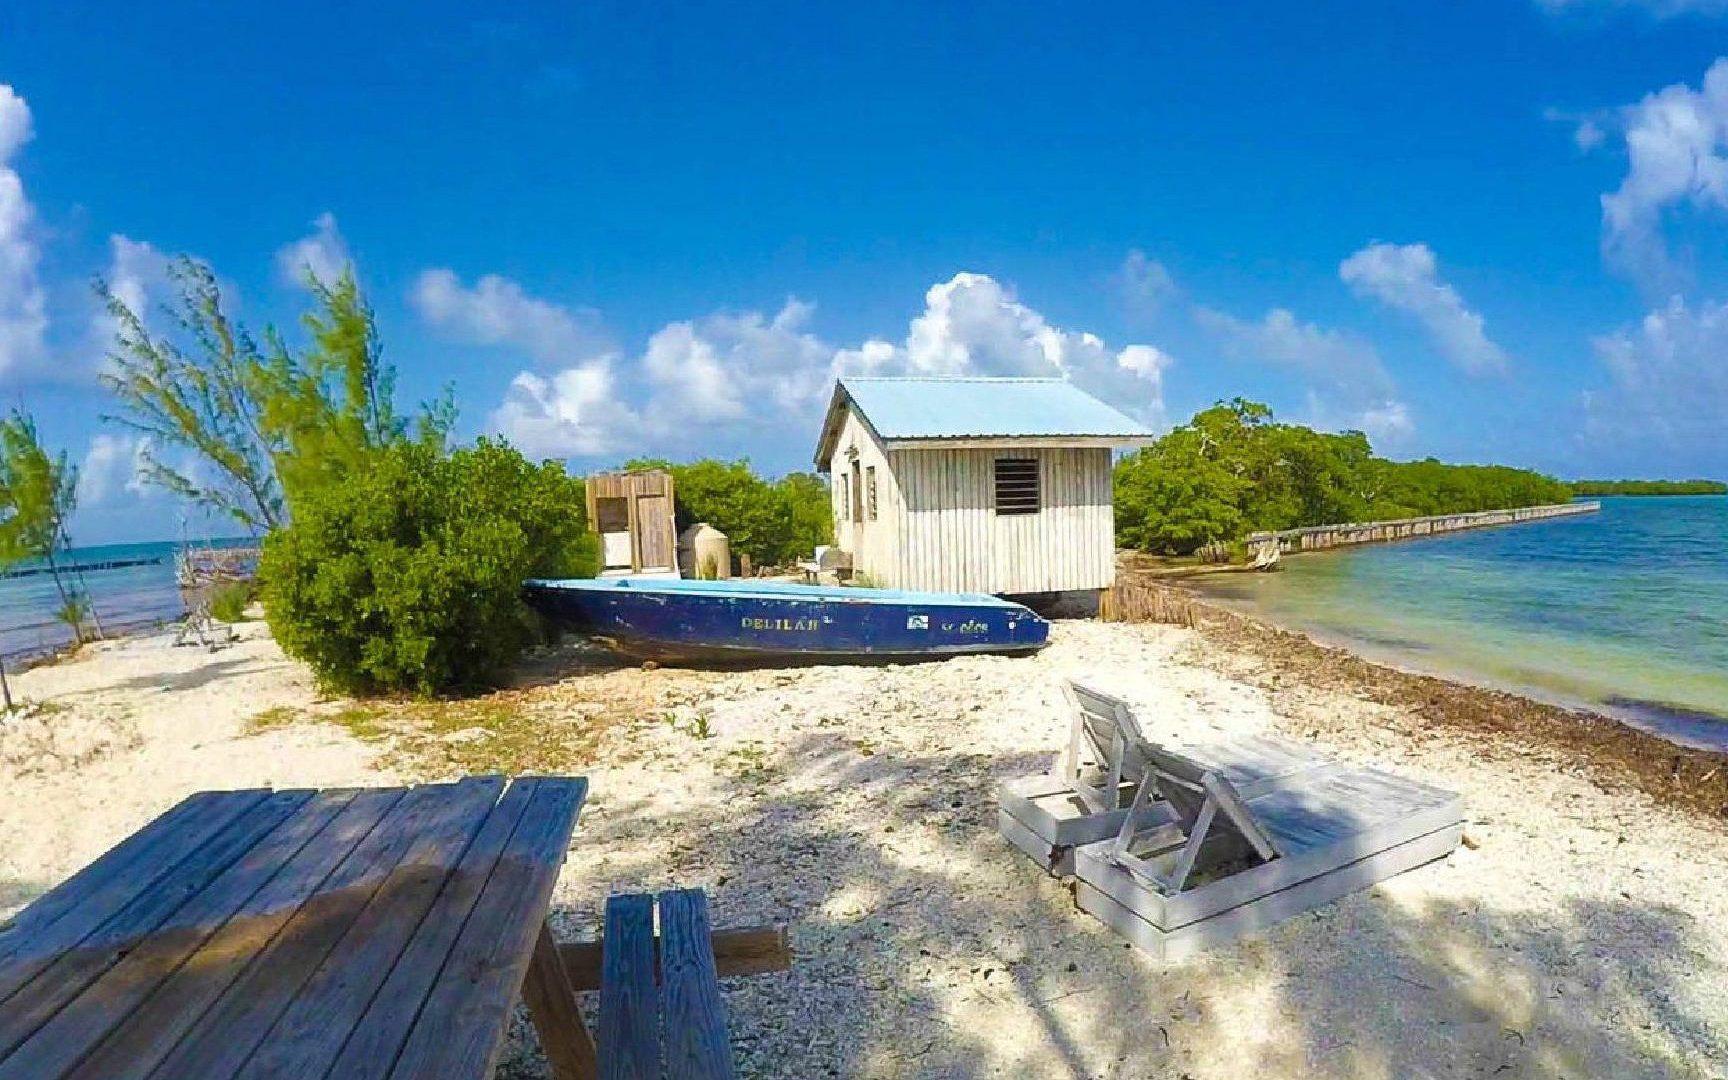 Un paradiso tropicale in vendita: isola dei Caraibi all'asta su eBay